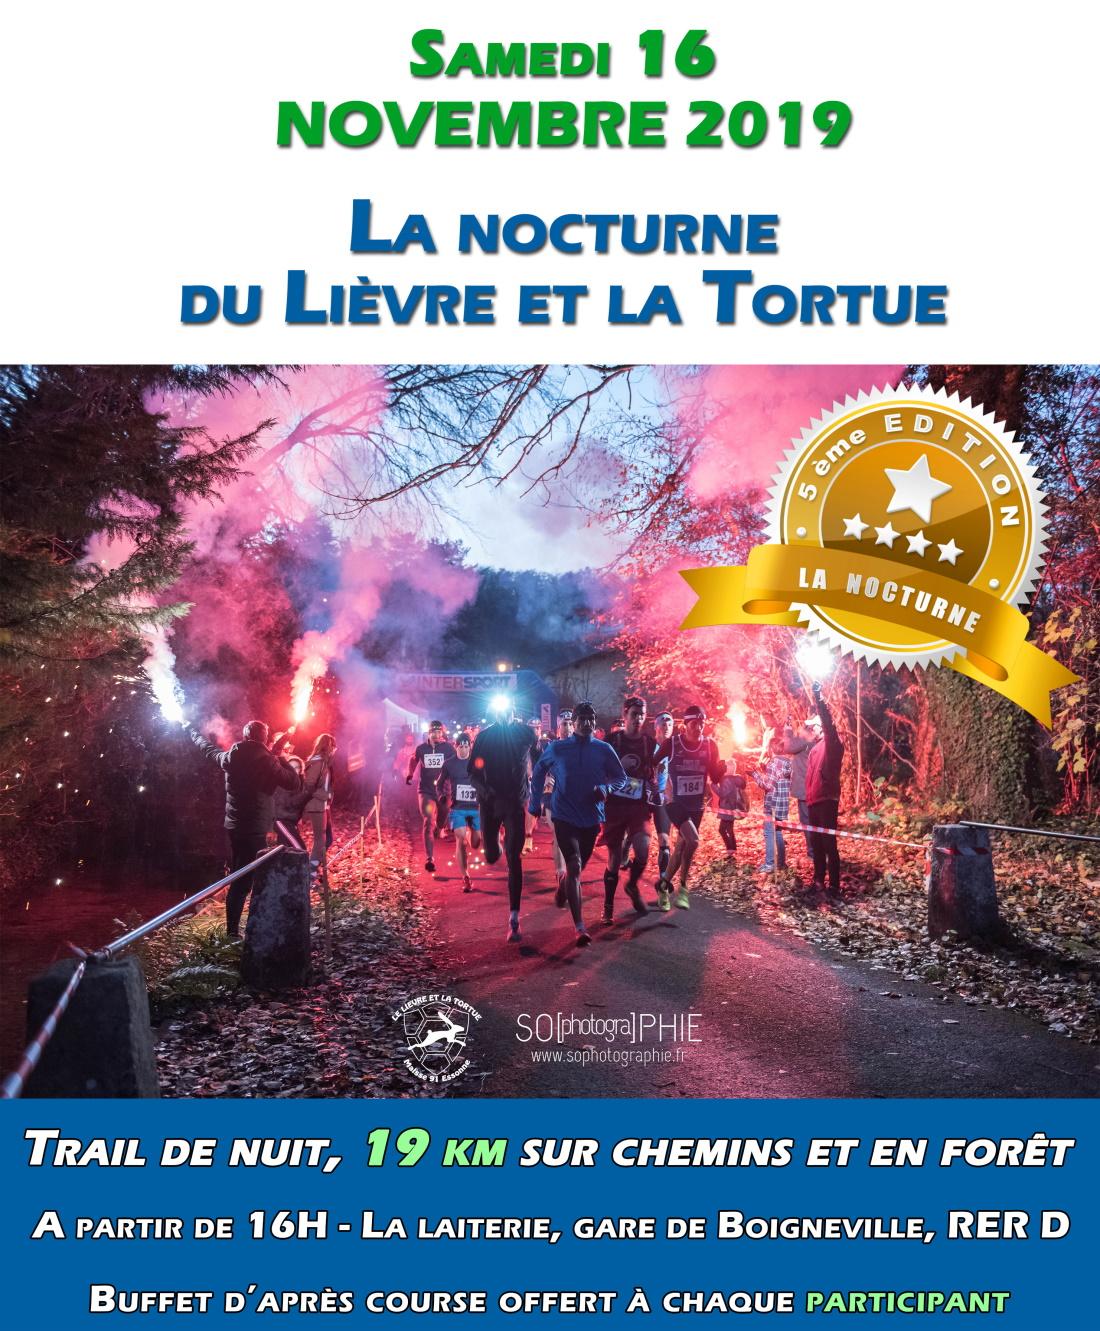 Trail Nocturne du Lièvre et la Tortue